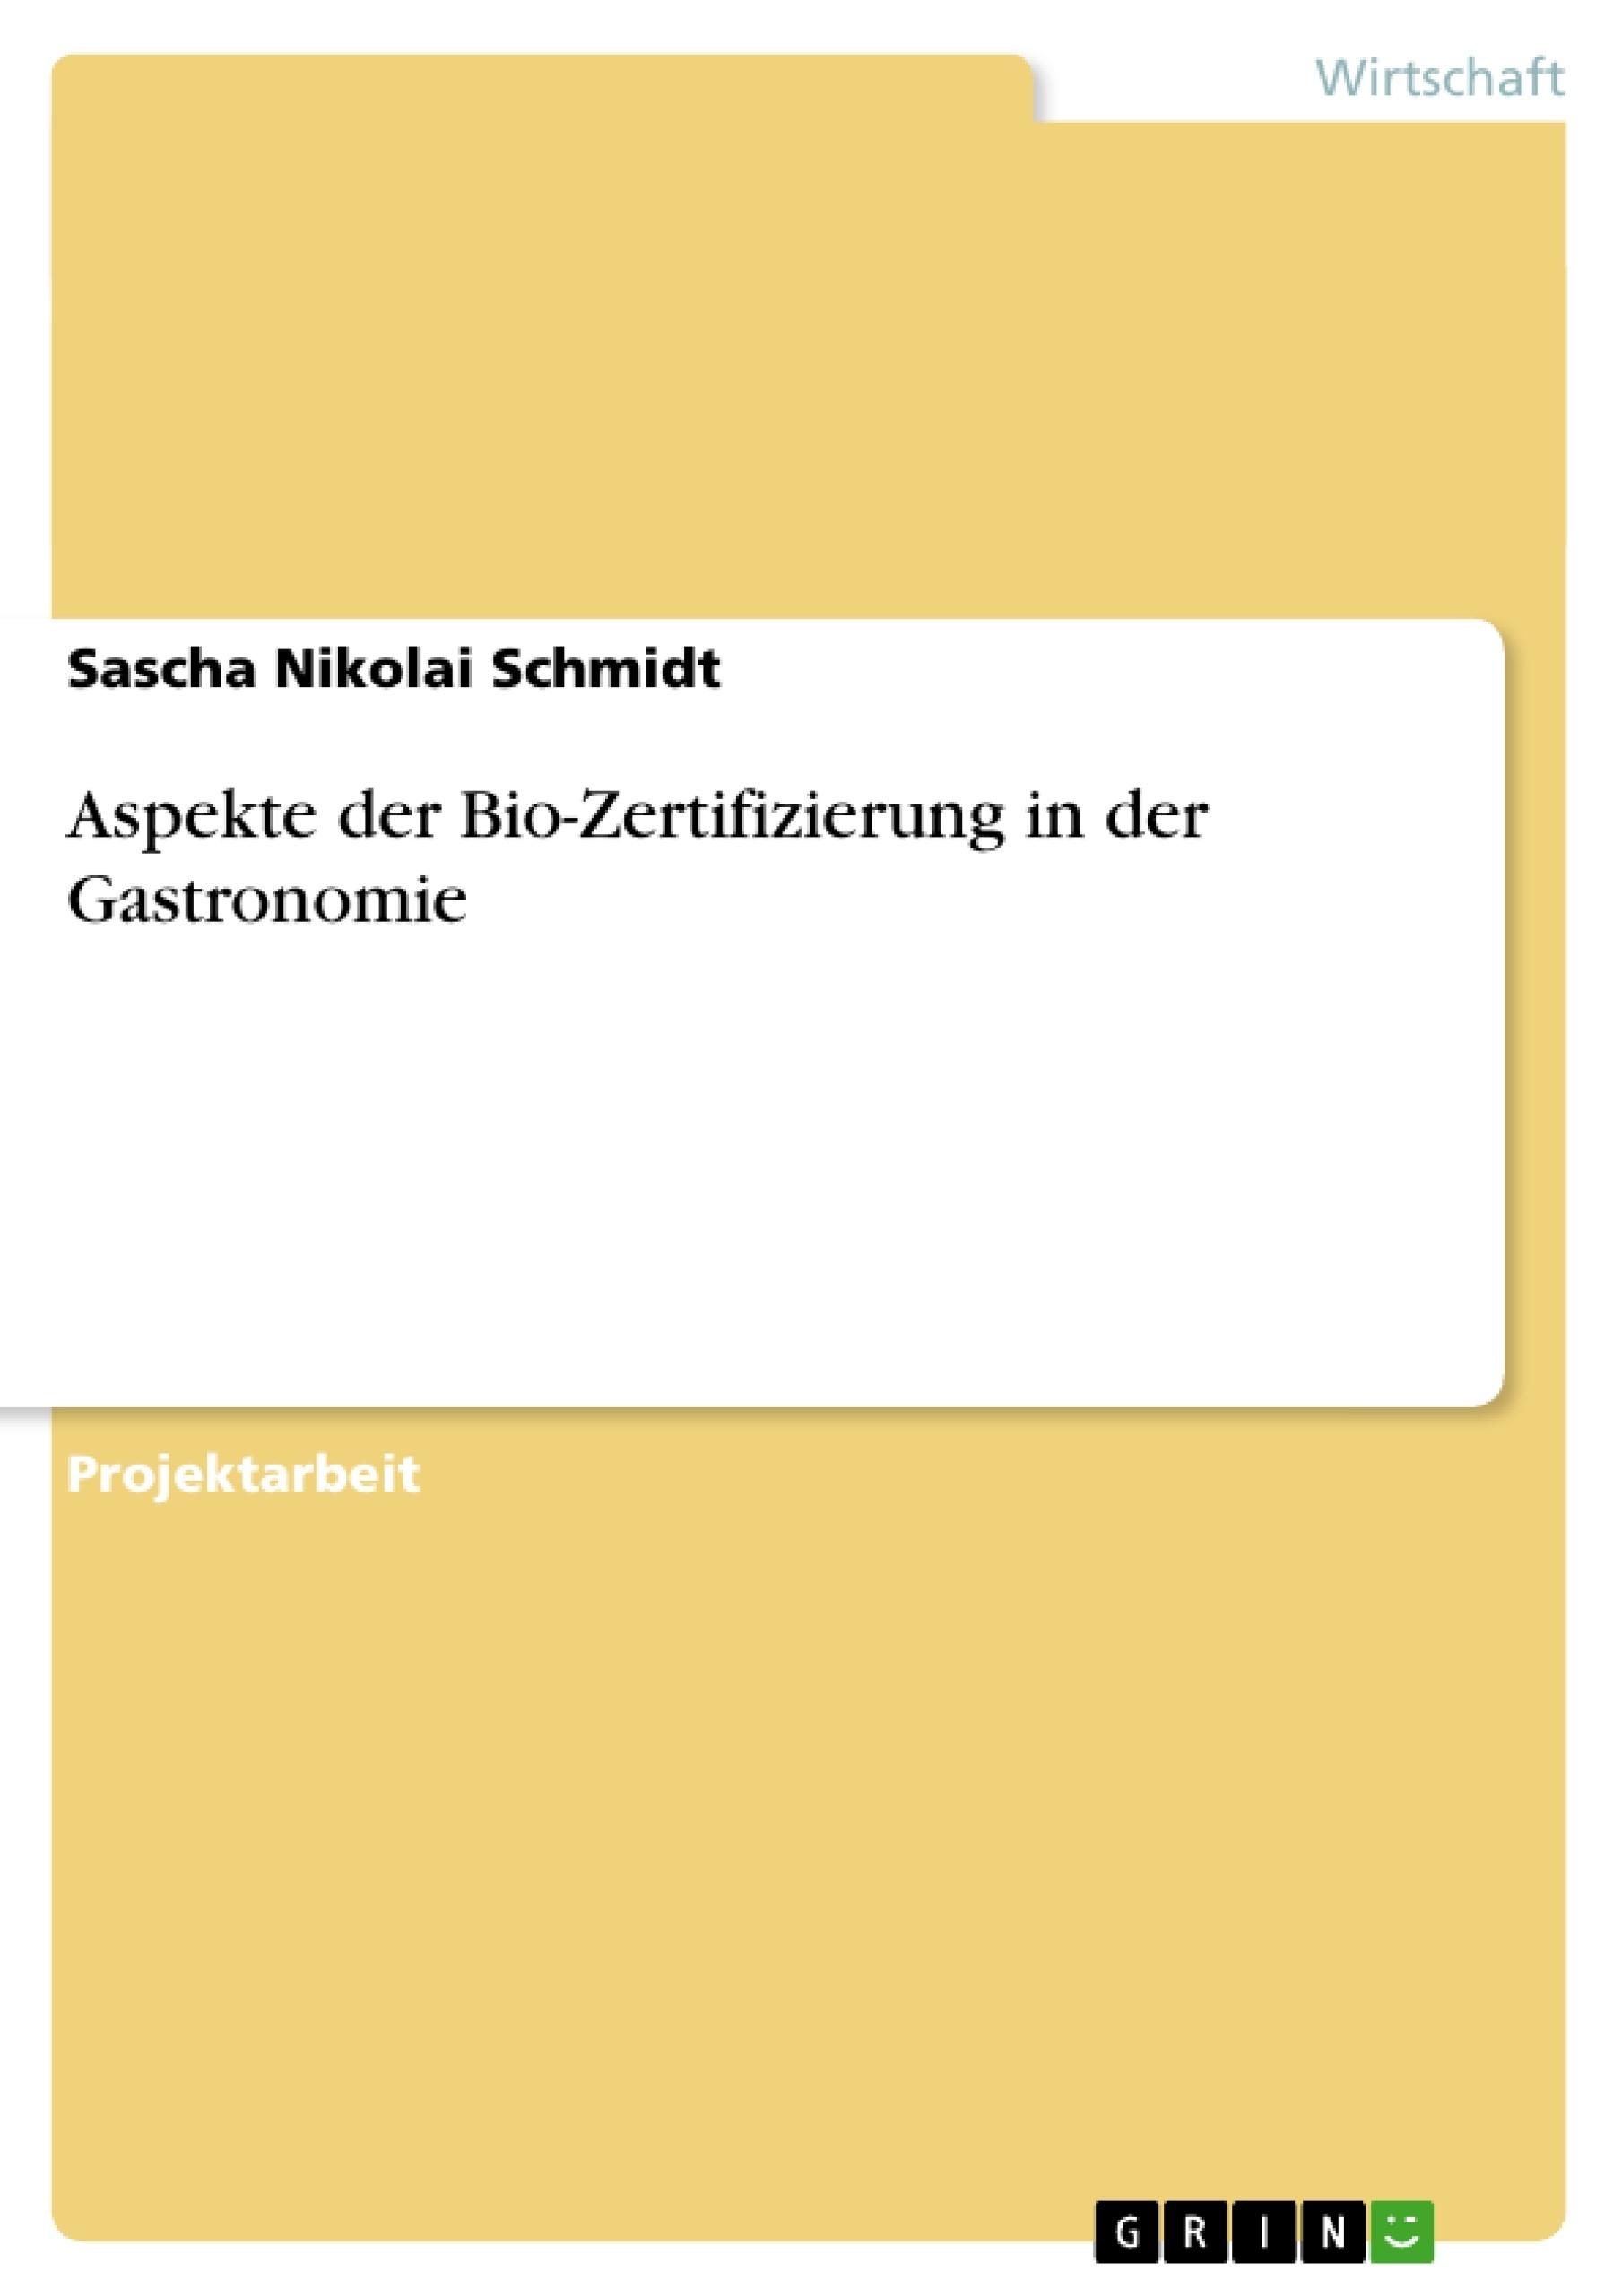 Titel: Aspekte der Bio-Zertifizierung in der Gastronomie